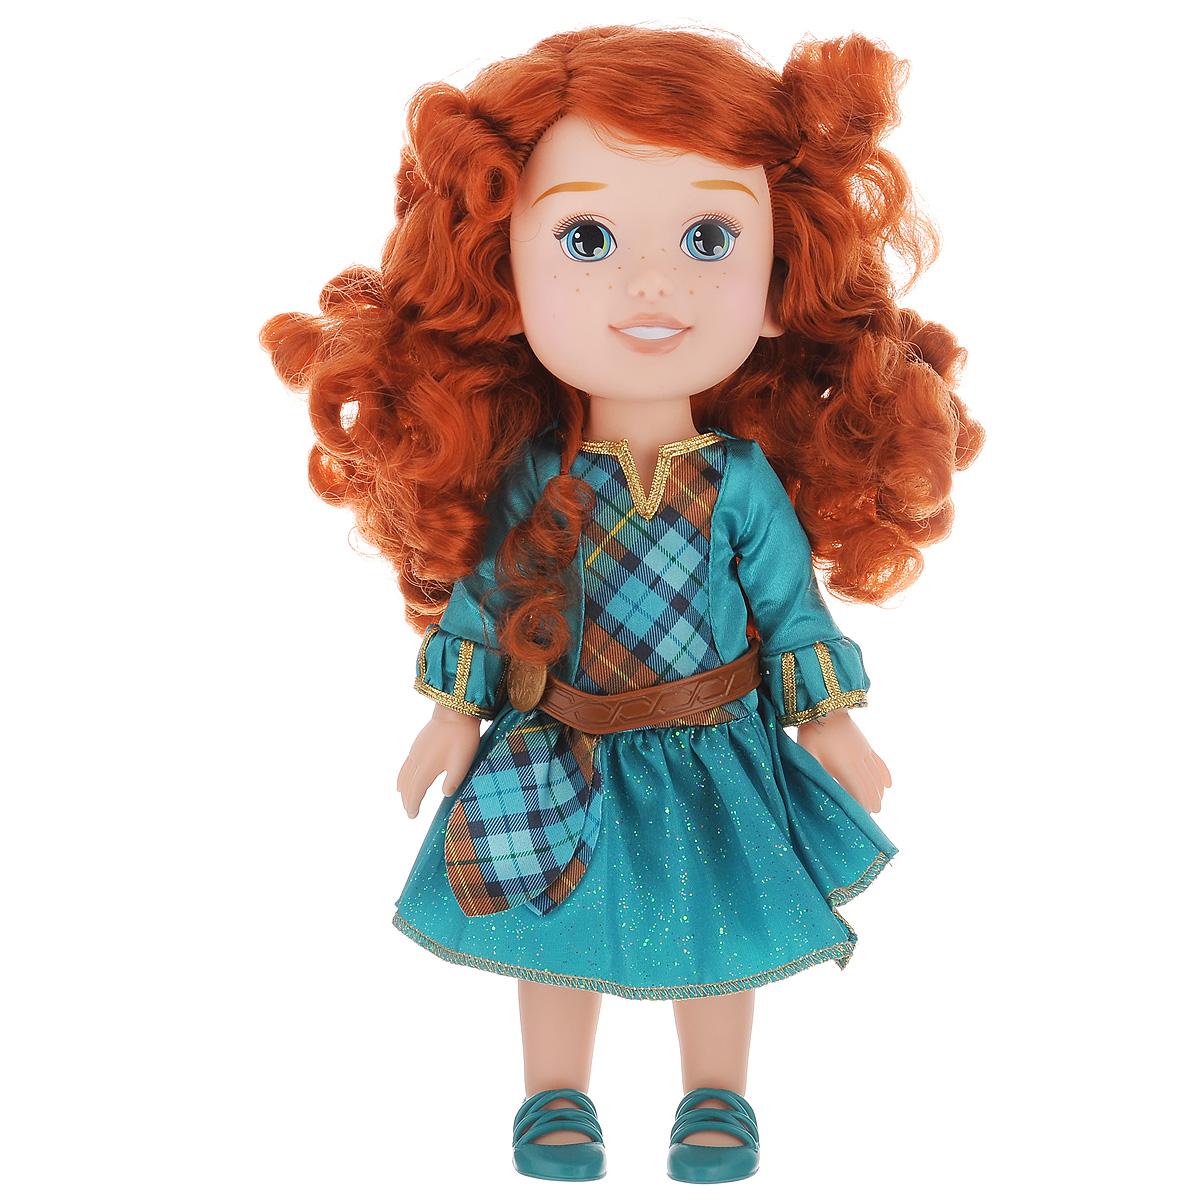 Disney Princess Кукла Малышка Мерида752990Кукла Disney Princess Toddler Merida непременно понравится вашей дочурке. Кукла в виде принцессы Мериды выполнена из пластика и одета в прекрасное изумрудное платье, на ножках - зеленые туфельки. У куклы шикарные рыжие локоны, которые можно заплетать. Такая куколка очарует вас и вашу дочурку с первого взгляда! Ваша малышка с удовольствием будет играть с принцессой Меридой, проигрывая сюжеты из мультфильма или придумывая различные истории. Порадуйте свою дочурку таким замечательным подарком!